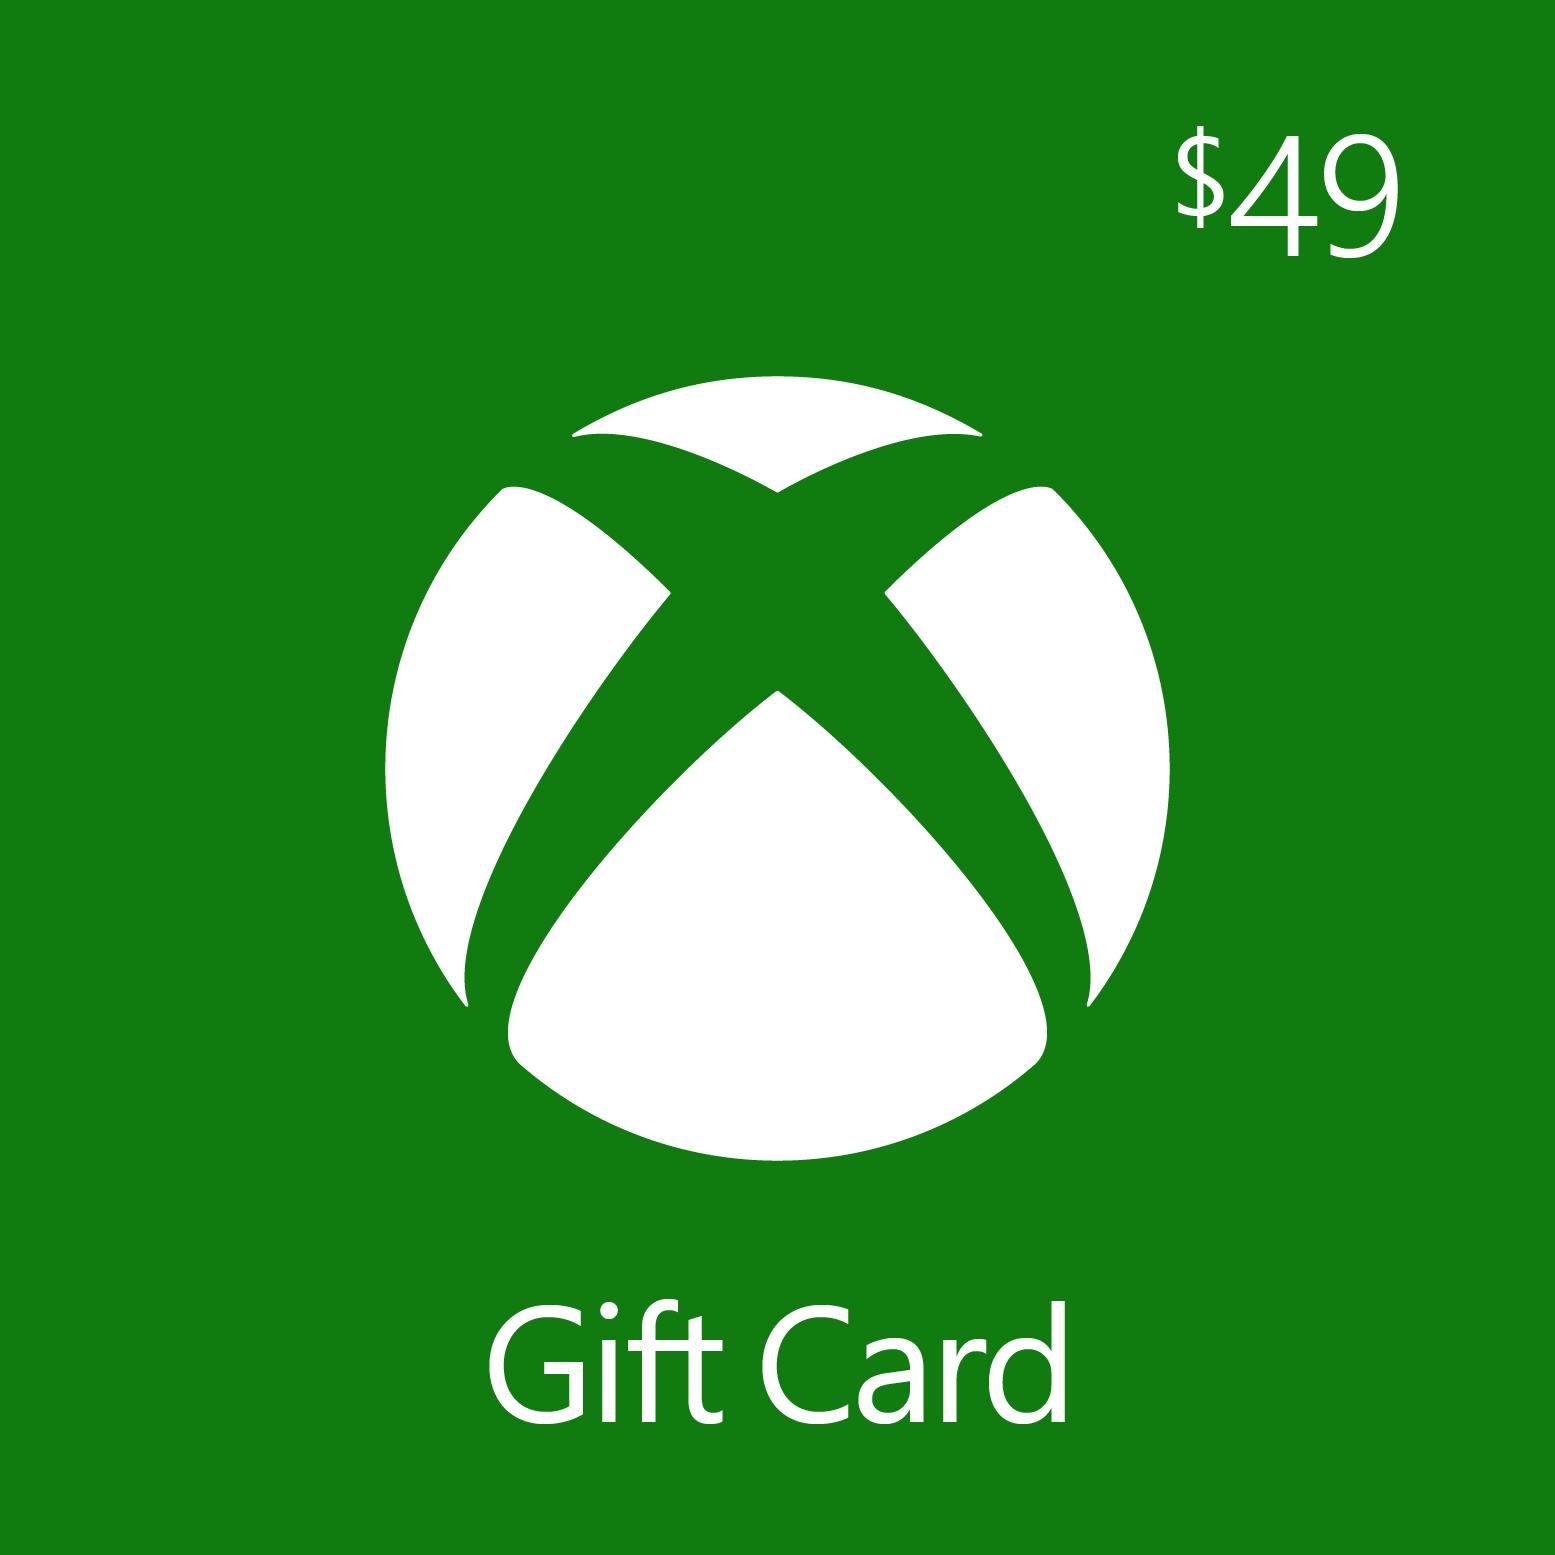 $49.00 Xbox Digital Gift Card